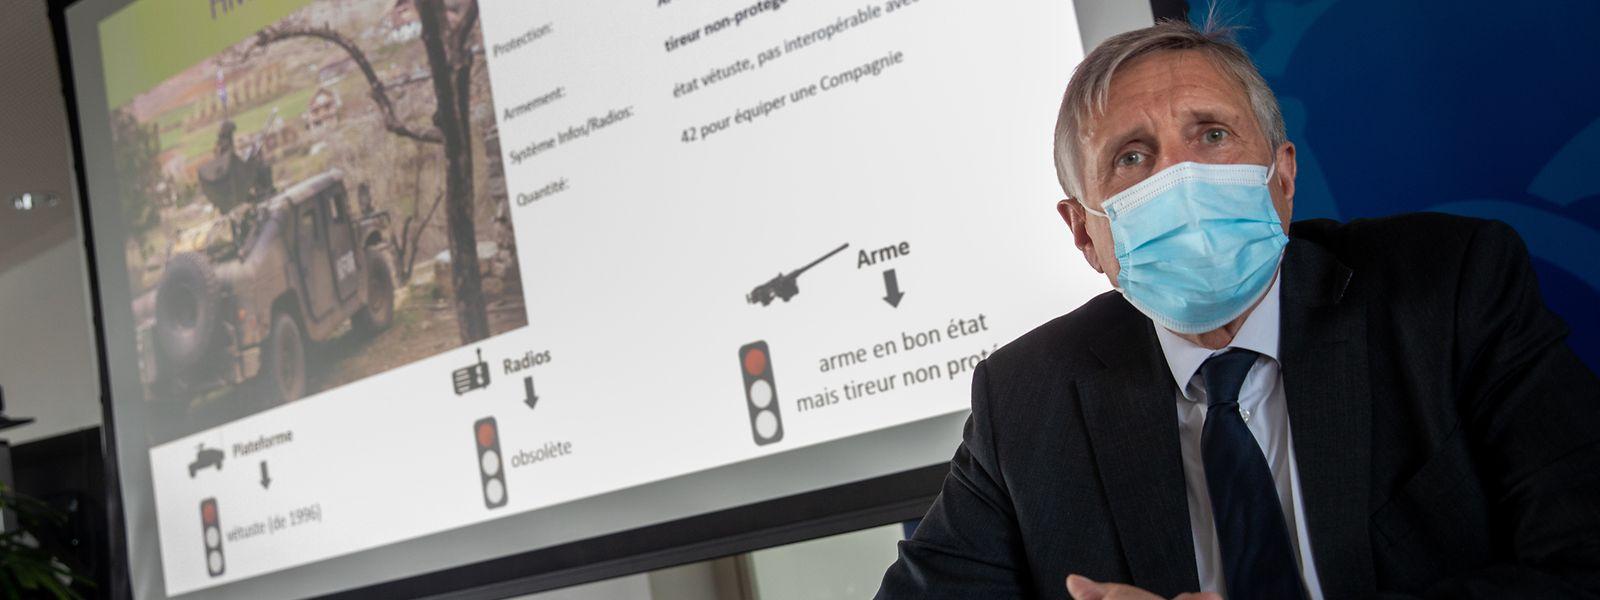 Présenté mercredi, le projet d'acquisition de 80 nouveaux véhicules pour l'armée ne devra pas dépasser une enveloppe de 367 millions d'euros, a assuré François Bausch, ministre de la Défense.